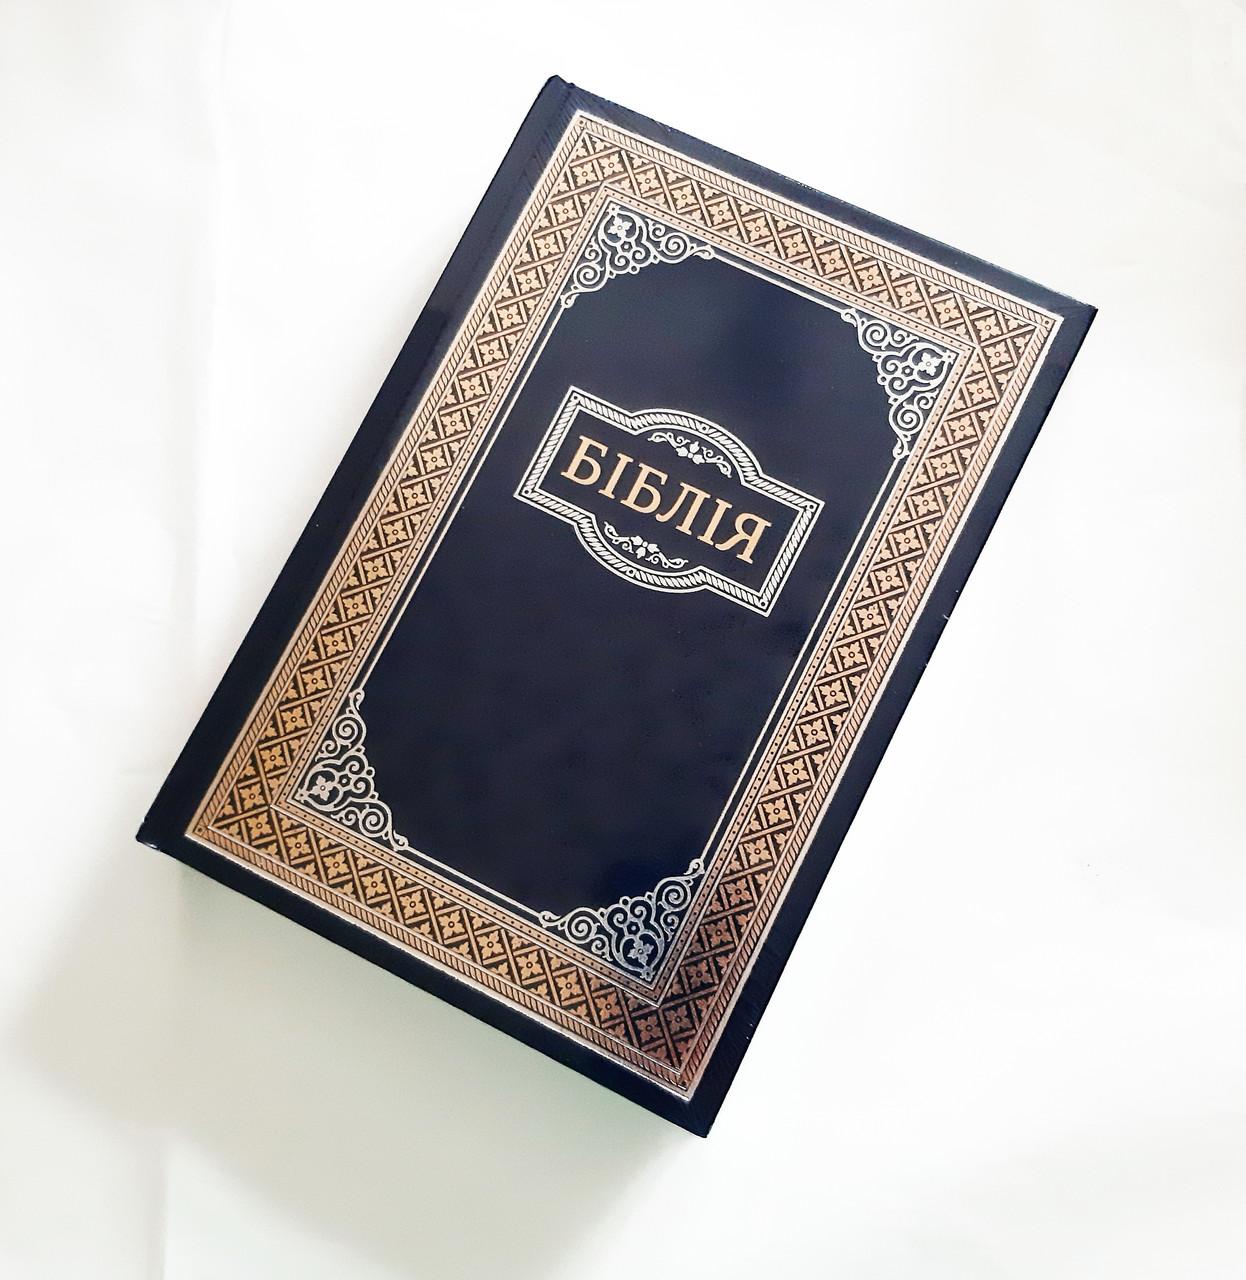 Біблія українською мовою великого формату (синя, з орнаментом)